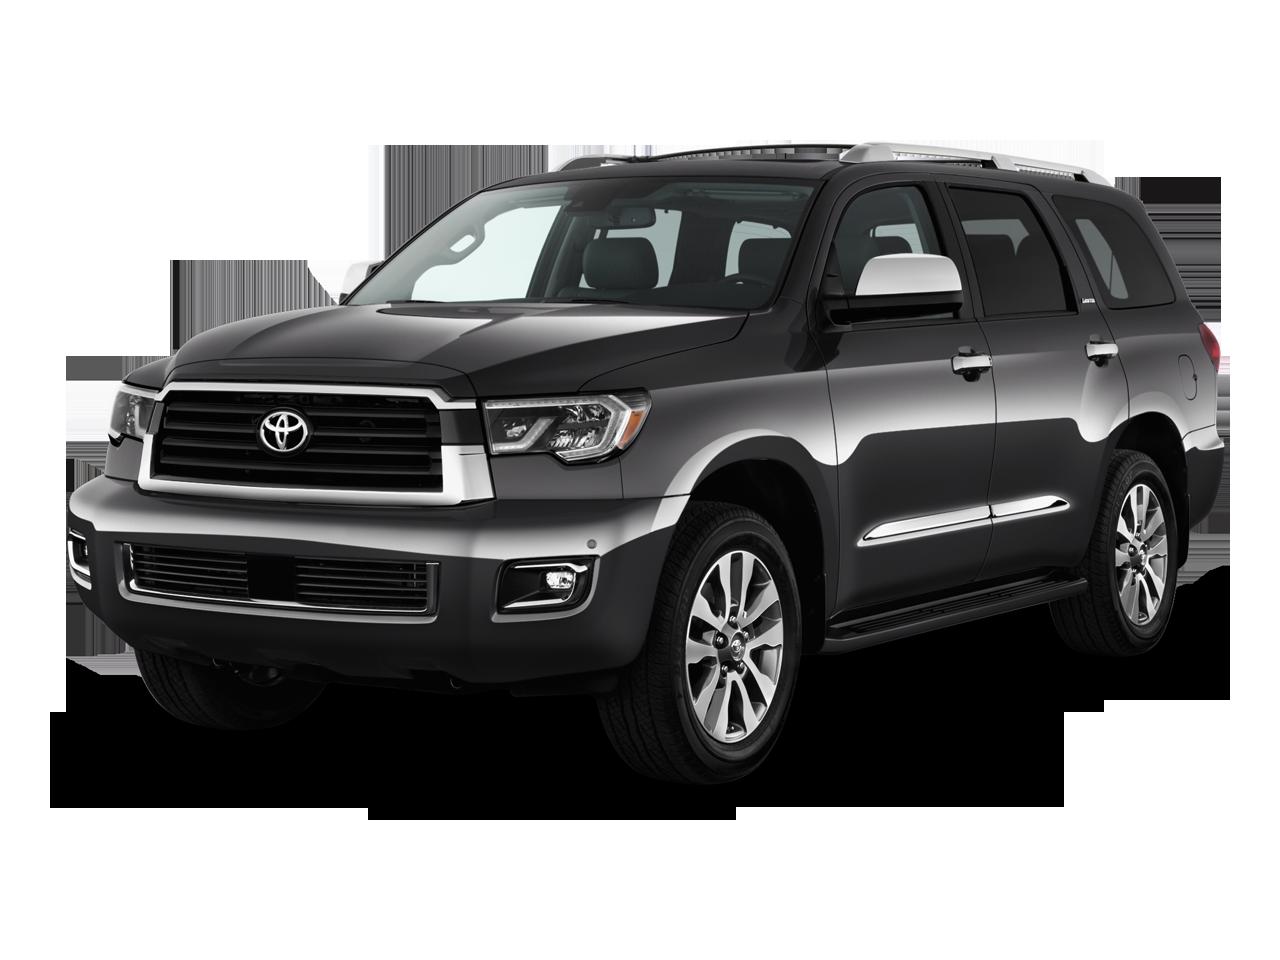 New 2018 Toyota Sequoia Limited In Olathe Ks Olathe Toyota